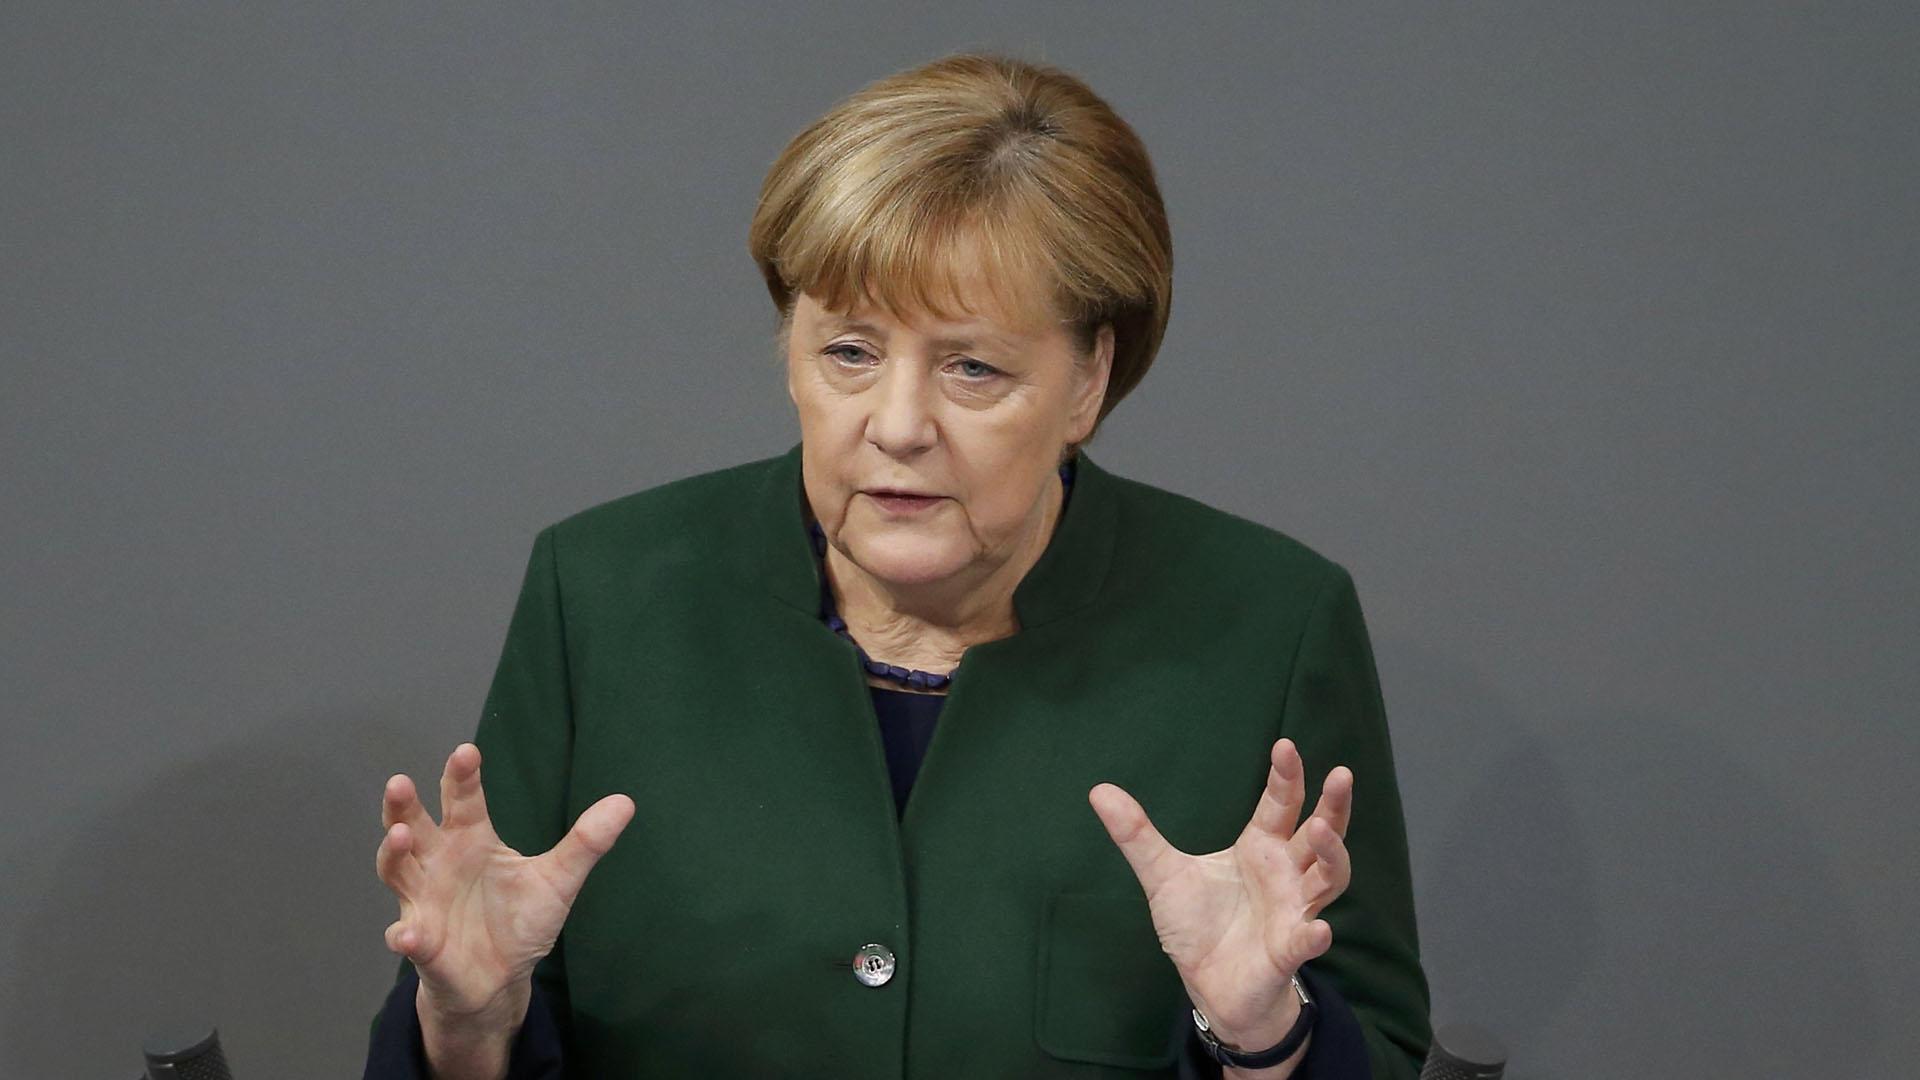 La canciller alemana dijo que los populistas apuestan a la división y el odio